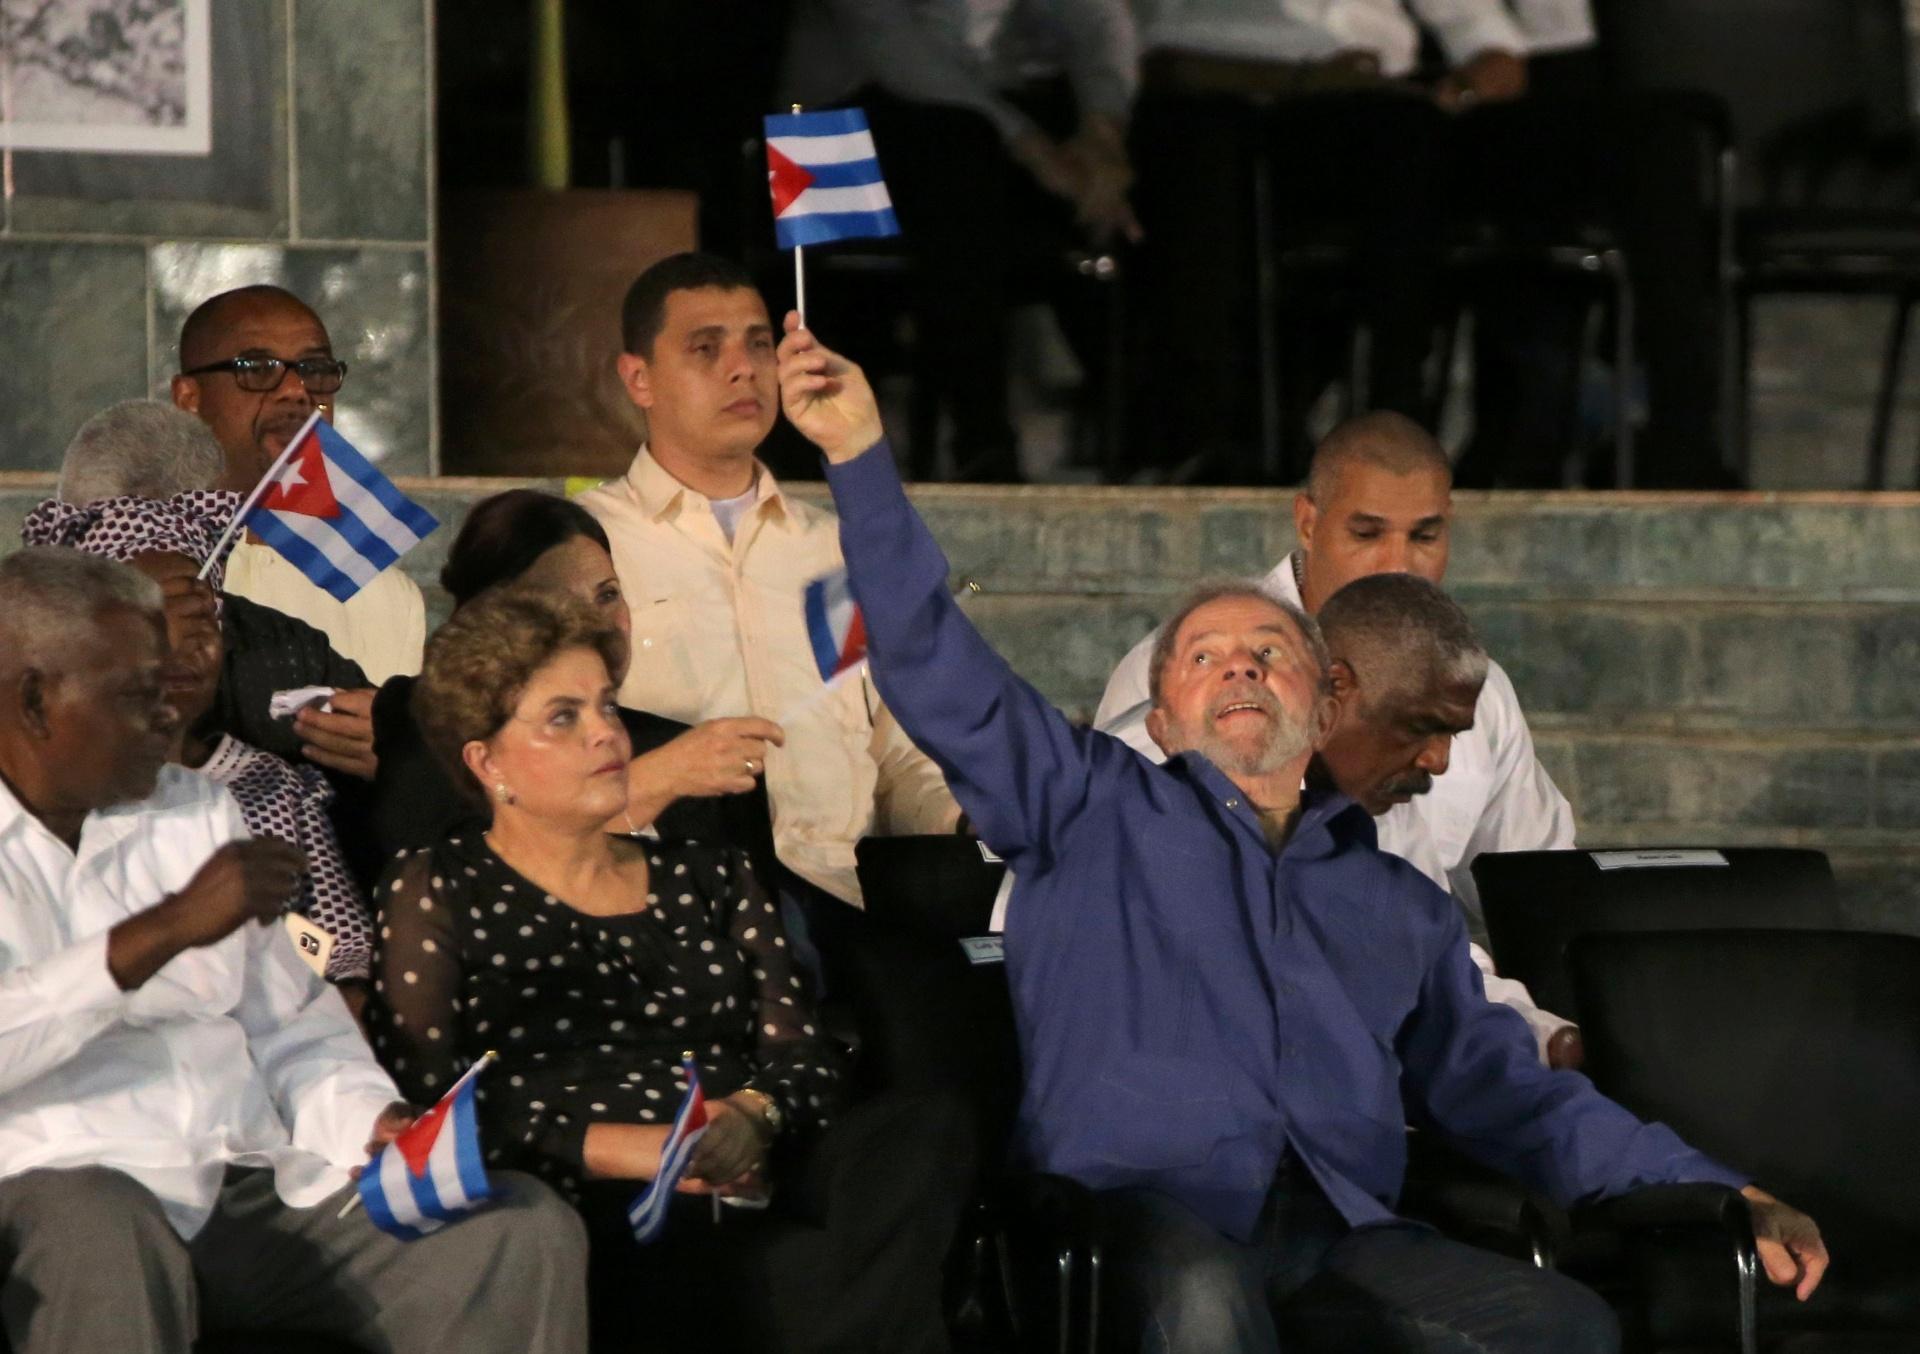 3.dez.2016 - Os ex-presidentes Lula e Dilma participam de cerimônia em Santiago de Cuba em homenagem ao líder cubano Fidel Castro, morto aos 90 anos